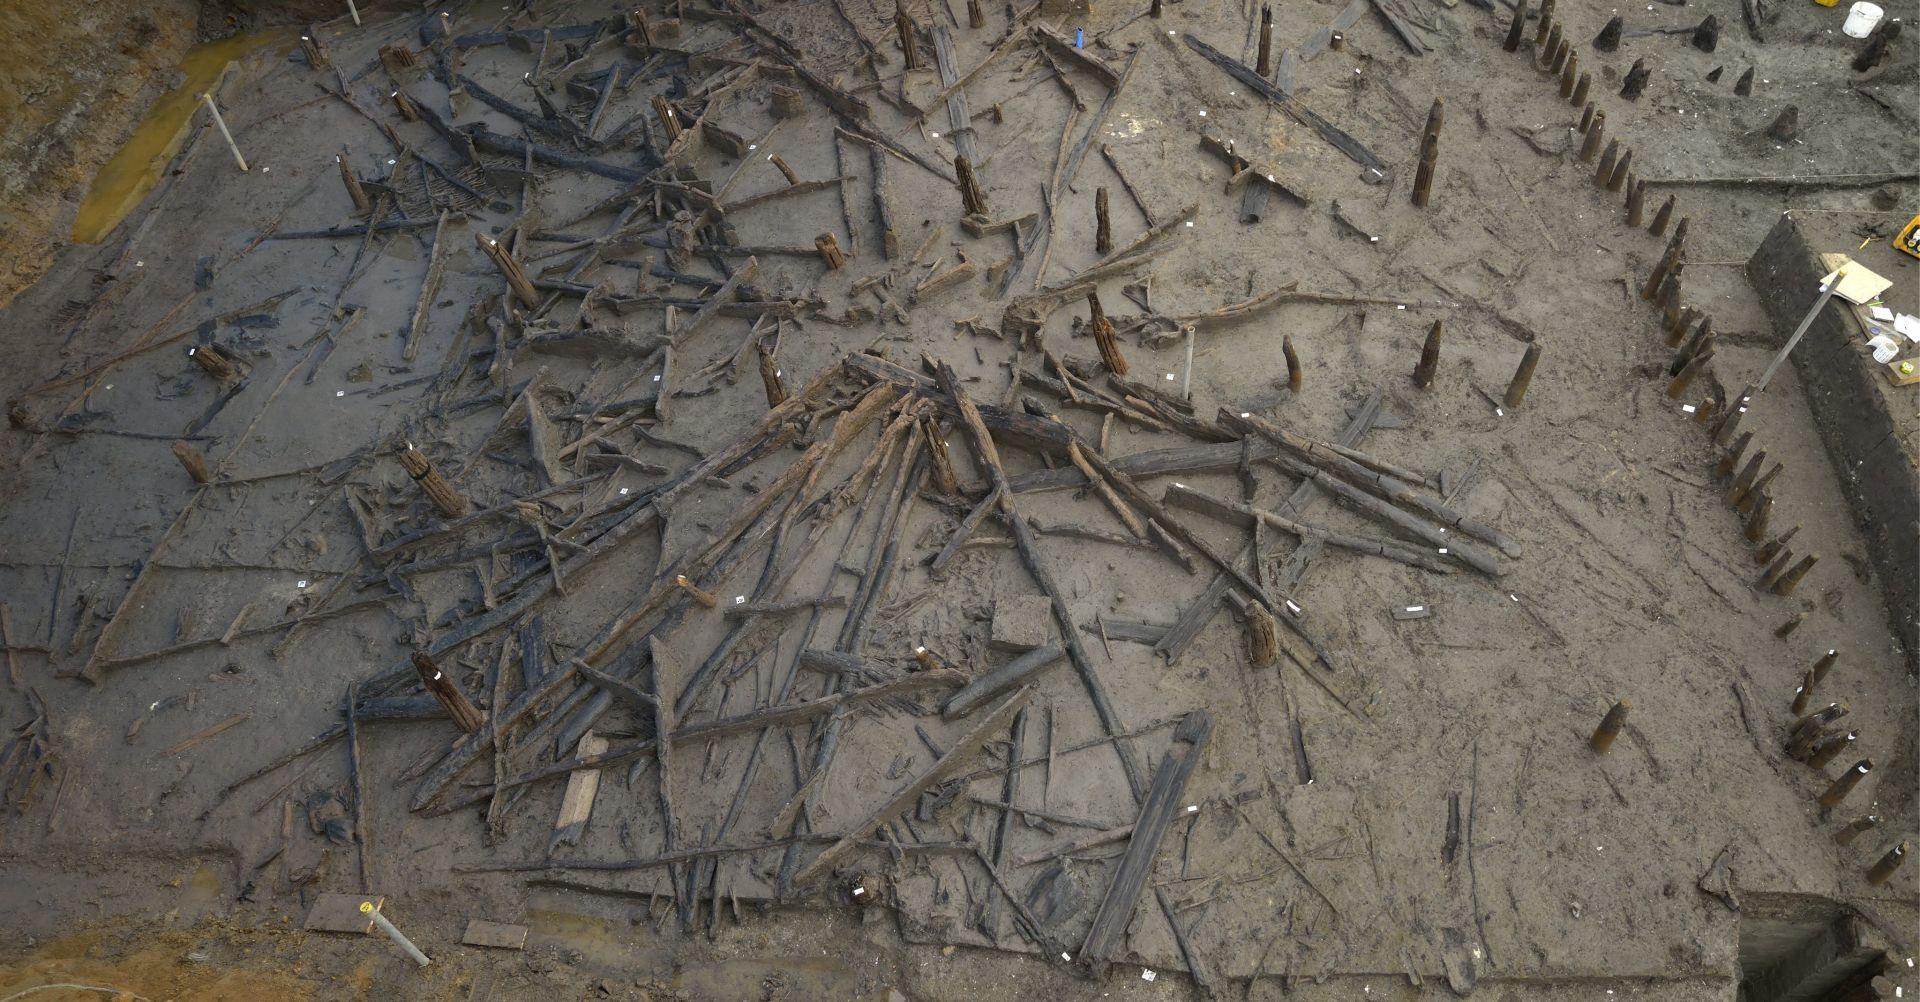 'BRITANSKI POMPEJI' Arheolozi pronašli nastambe iz brončanog doba u Cambridgeshireu